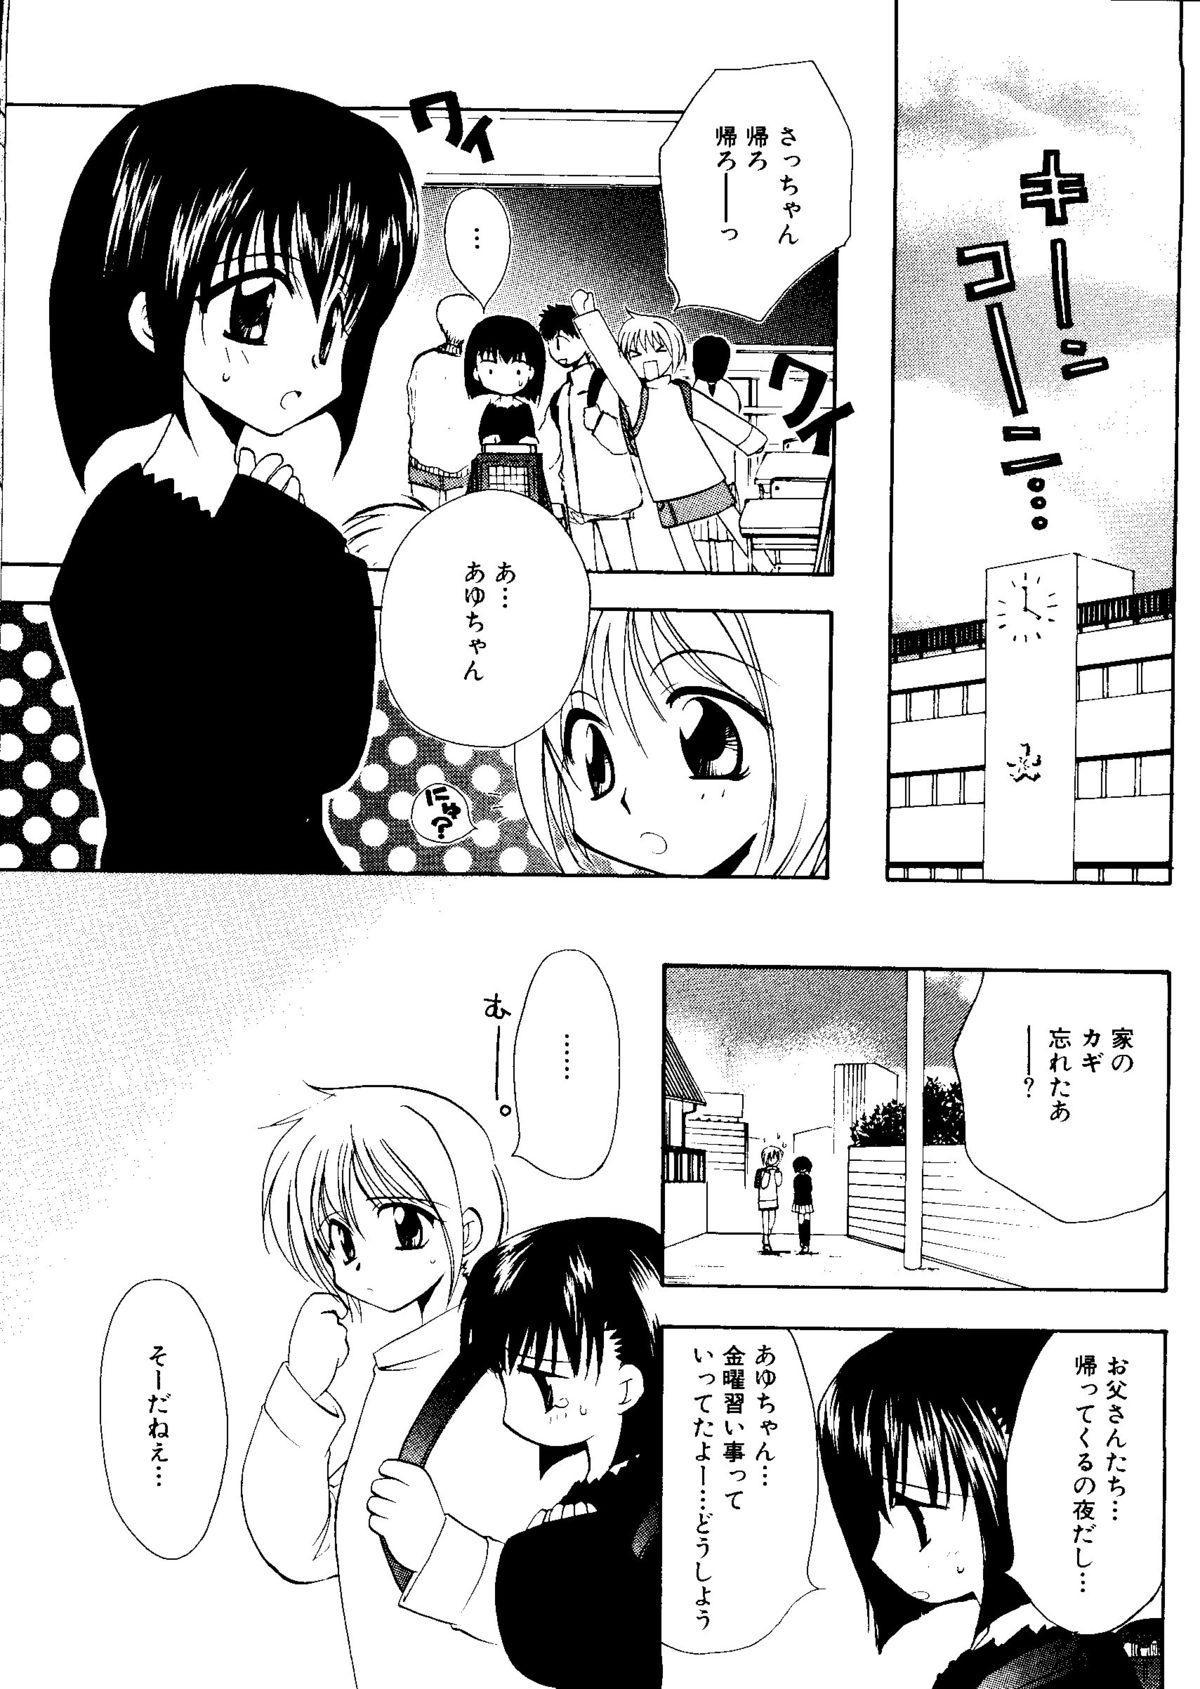 Mujirushi Youhin Vol. 7 62